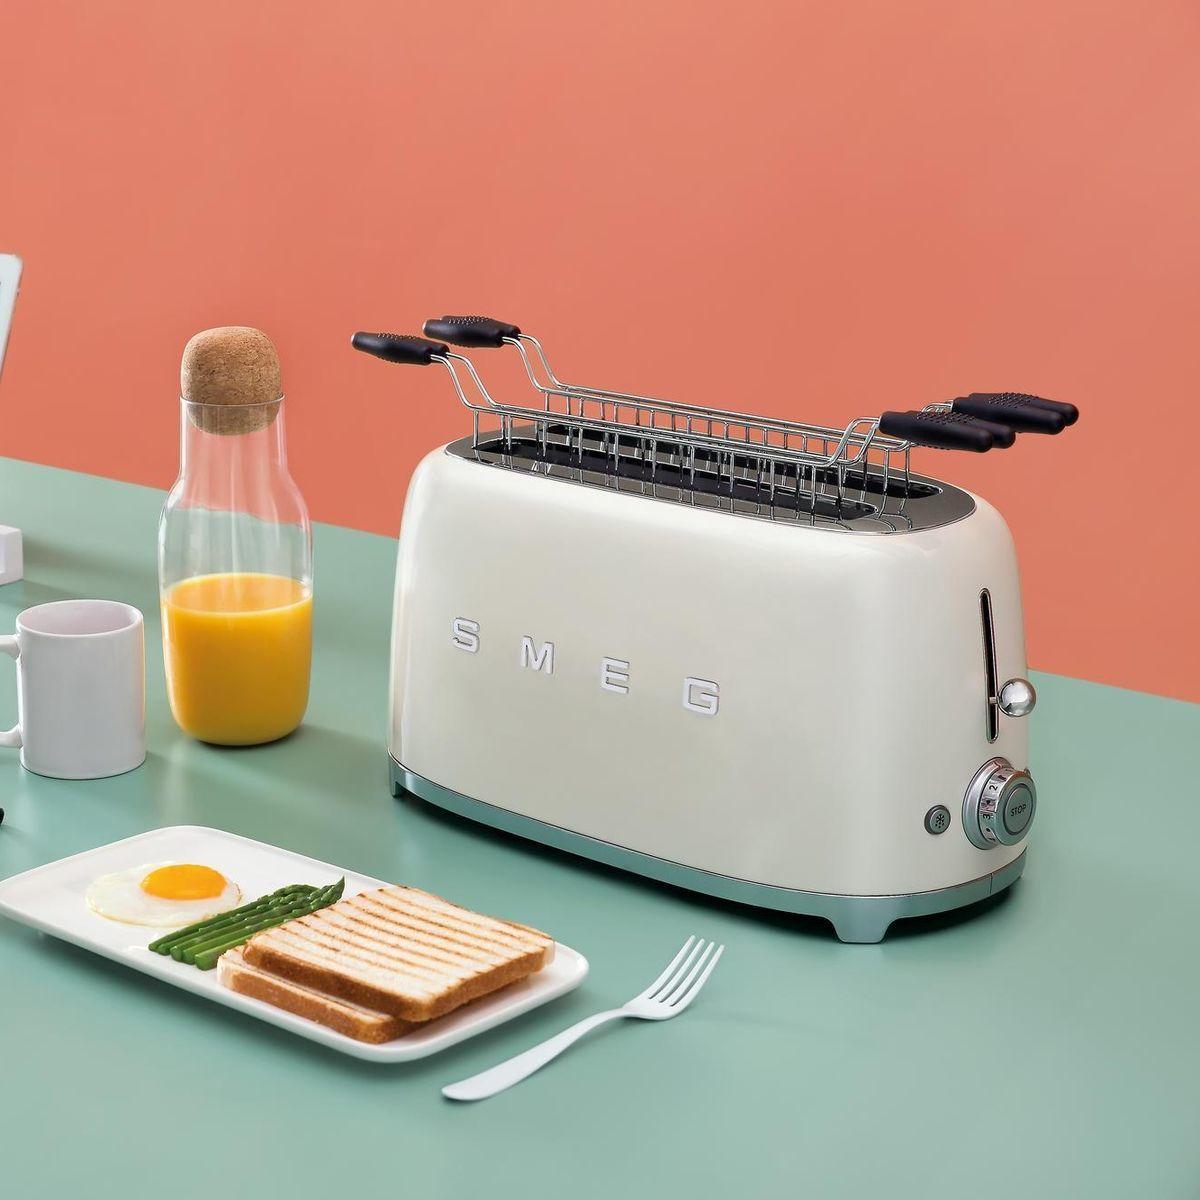 Smeg Toaster 4 Slices Tsf02 Smeg Ambientedirect Com